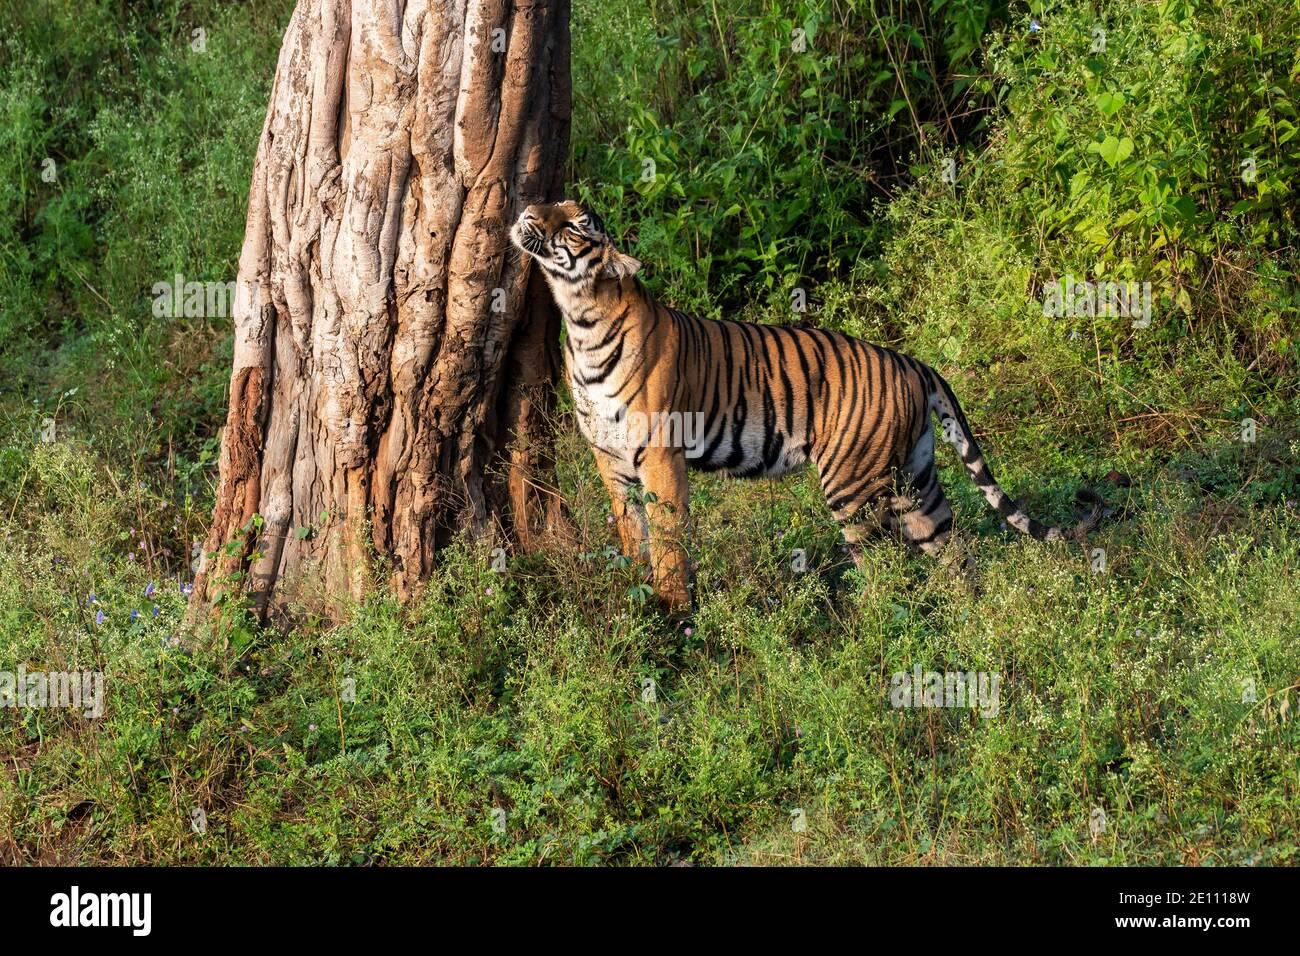 Une sortie de marche sur la route forestière et le marquage du territoire À l'intérieur de la réserve de tigres de Nagarhole à Karnataka lors d'un safari dans la faune Banque D'Images